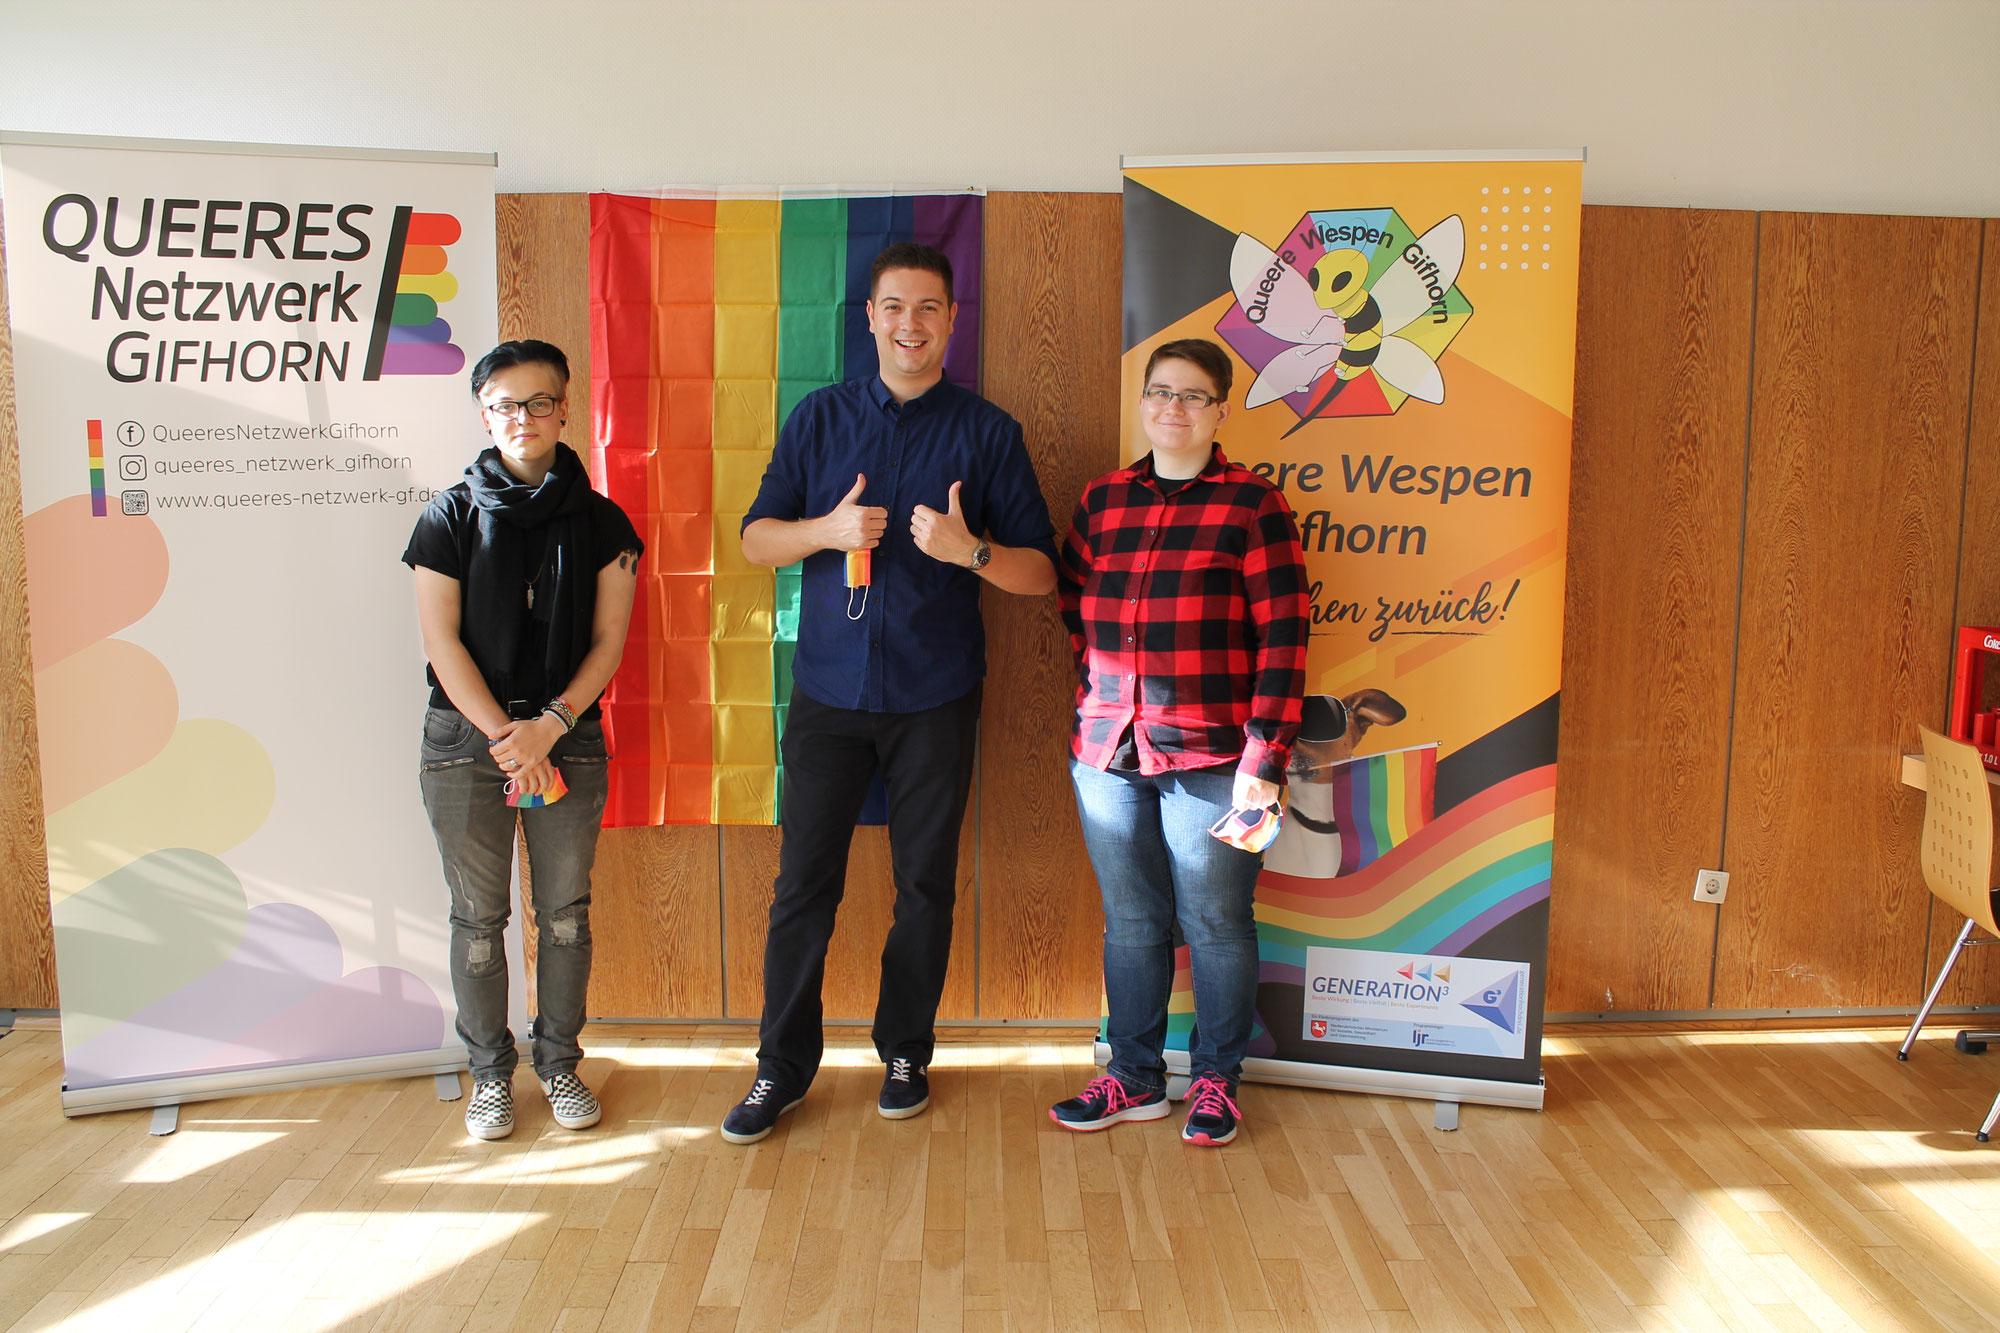 Mitgliederversammlung des Queeren Netzwerk Gifhorn e.V. am 23.10.2021